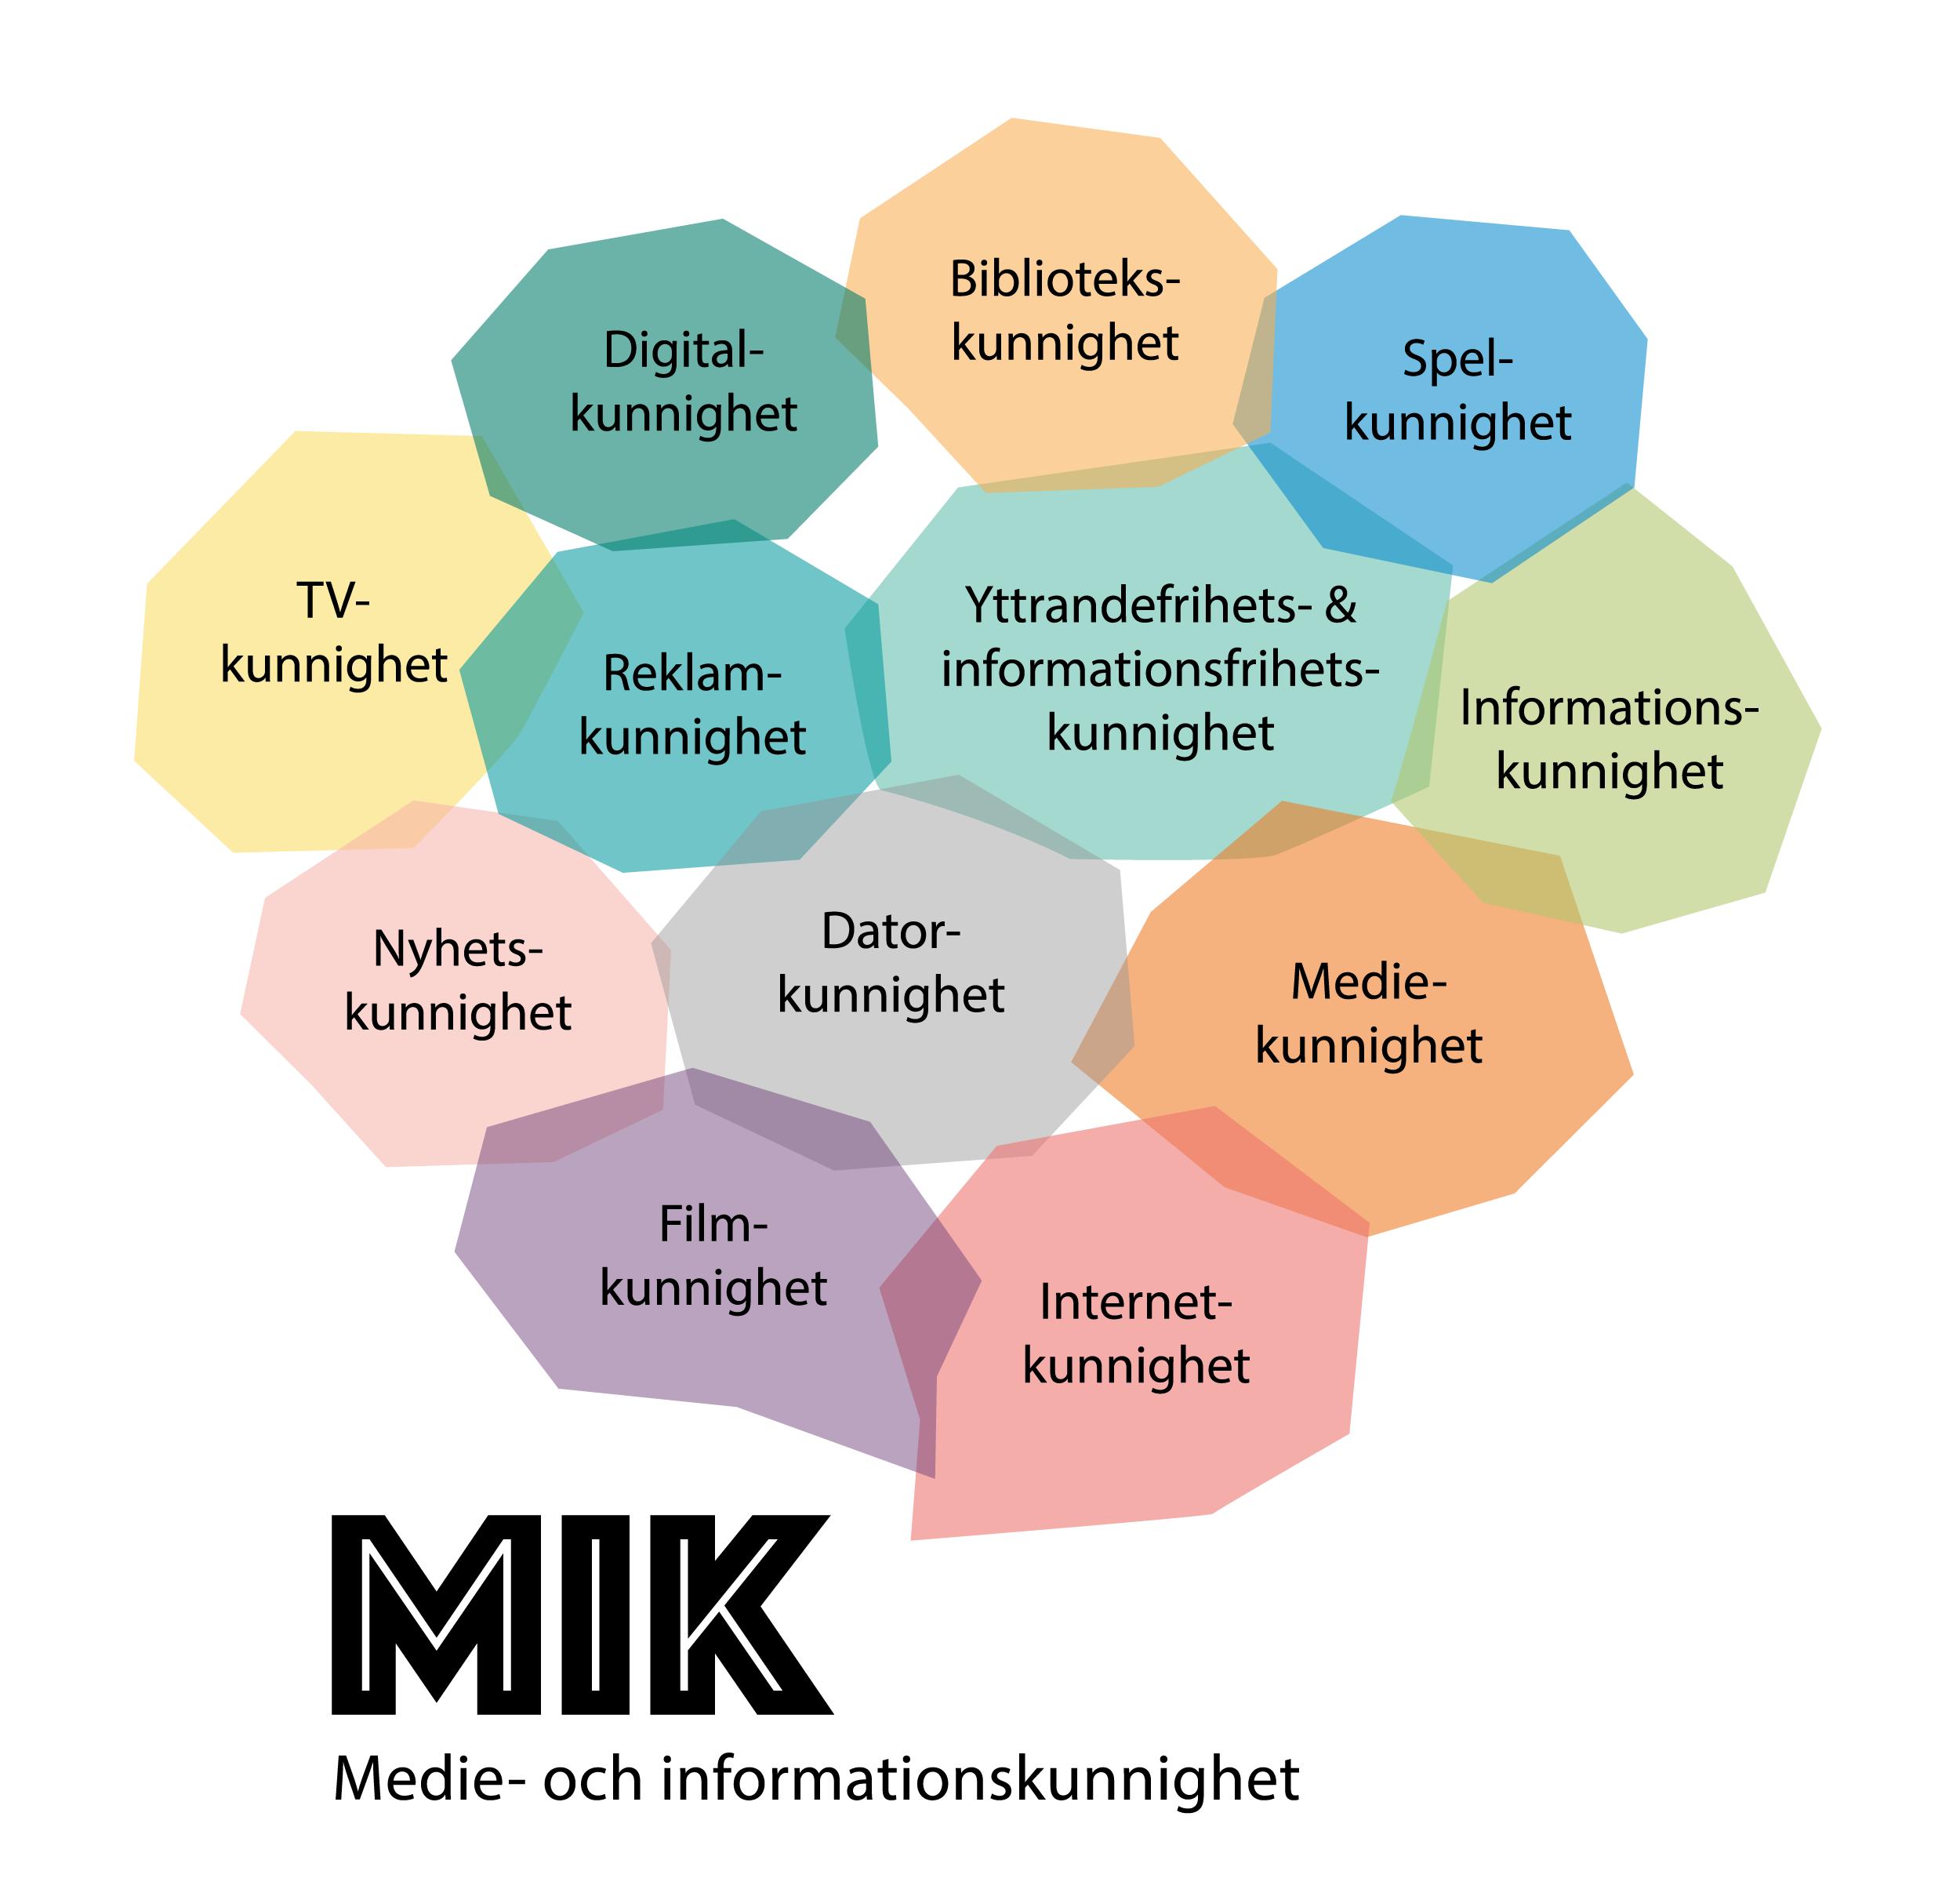 Bild som illustrerar alla delar som ingår i MIK: Digital kunnighet, TV-kunnighet, Nyhetskunnighet, Filmkunnighet,Internetkunnighet, Mediekunnighet, Infor,ationskunnighet, Spelkunnighet, Datorkunnighet, Reklamkunnighet, Spelkunnighet, Bibliotekskunnighet, Yttrandefrihets- och informationsfrihetskunnighet.